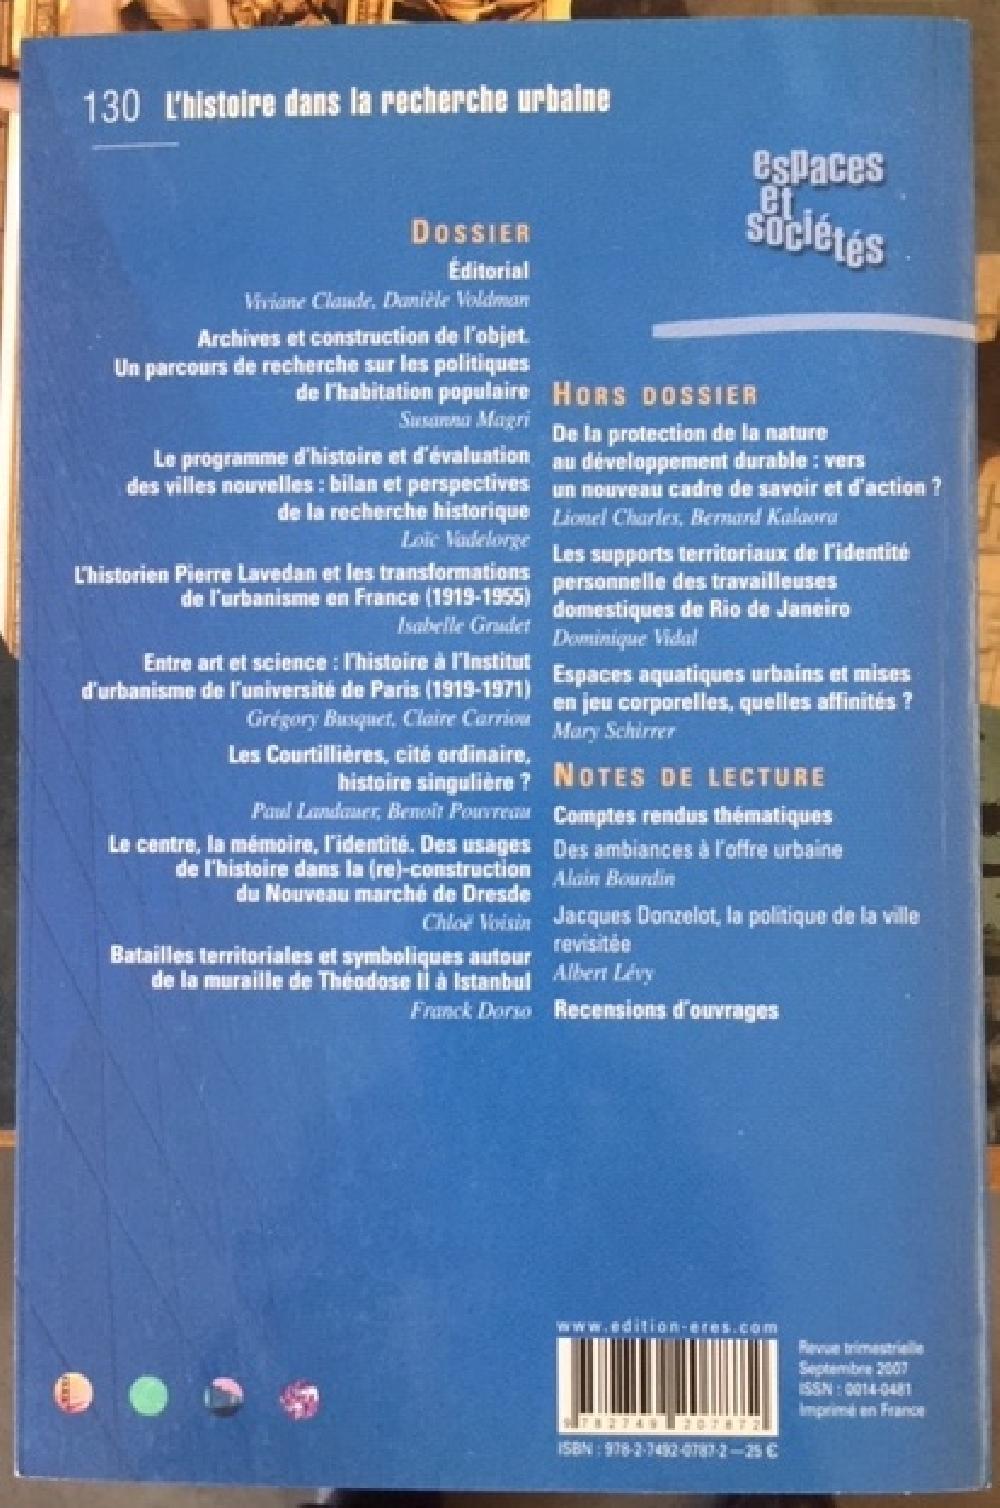 Espaces et sociétés N° 130. L'Histoire dans la recherche urbaine